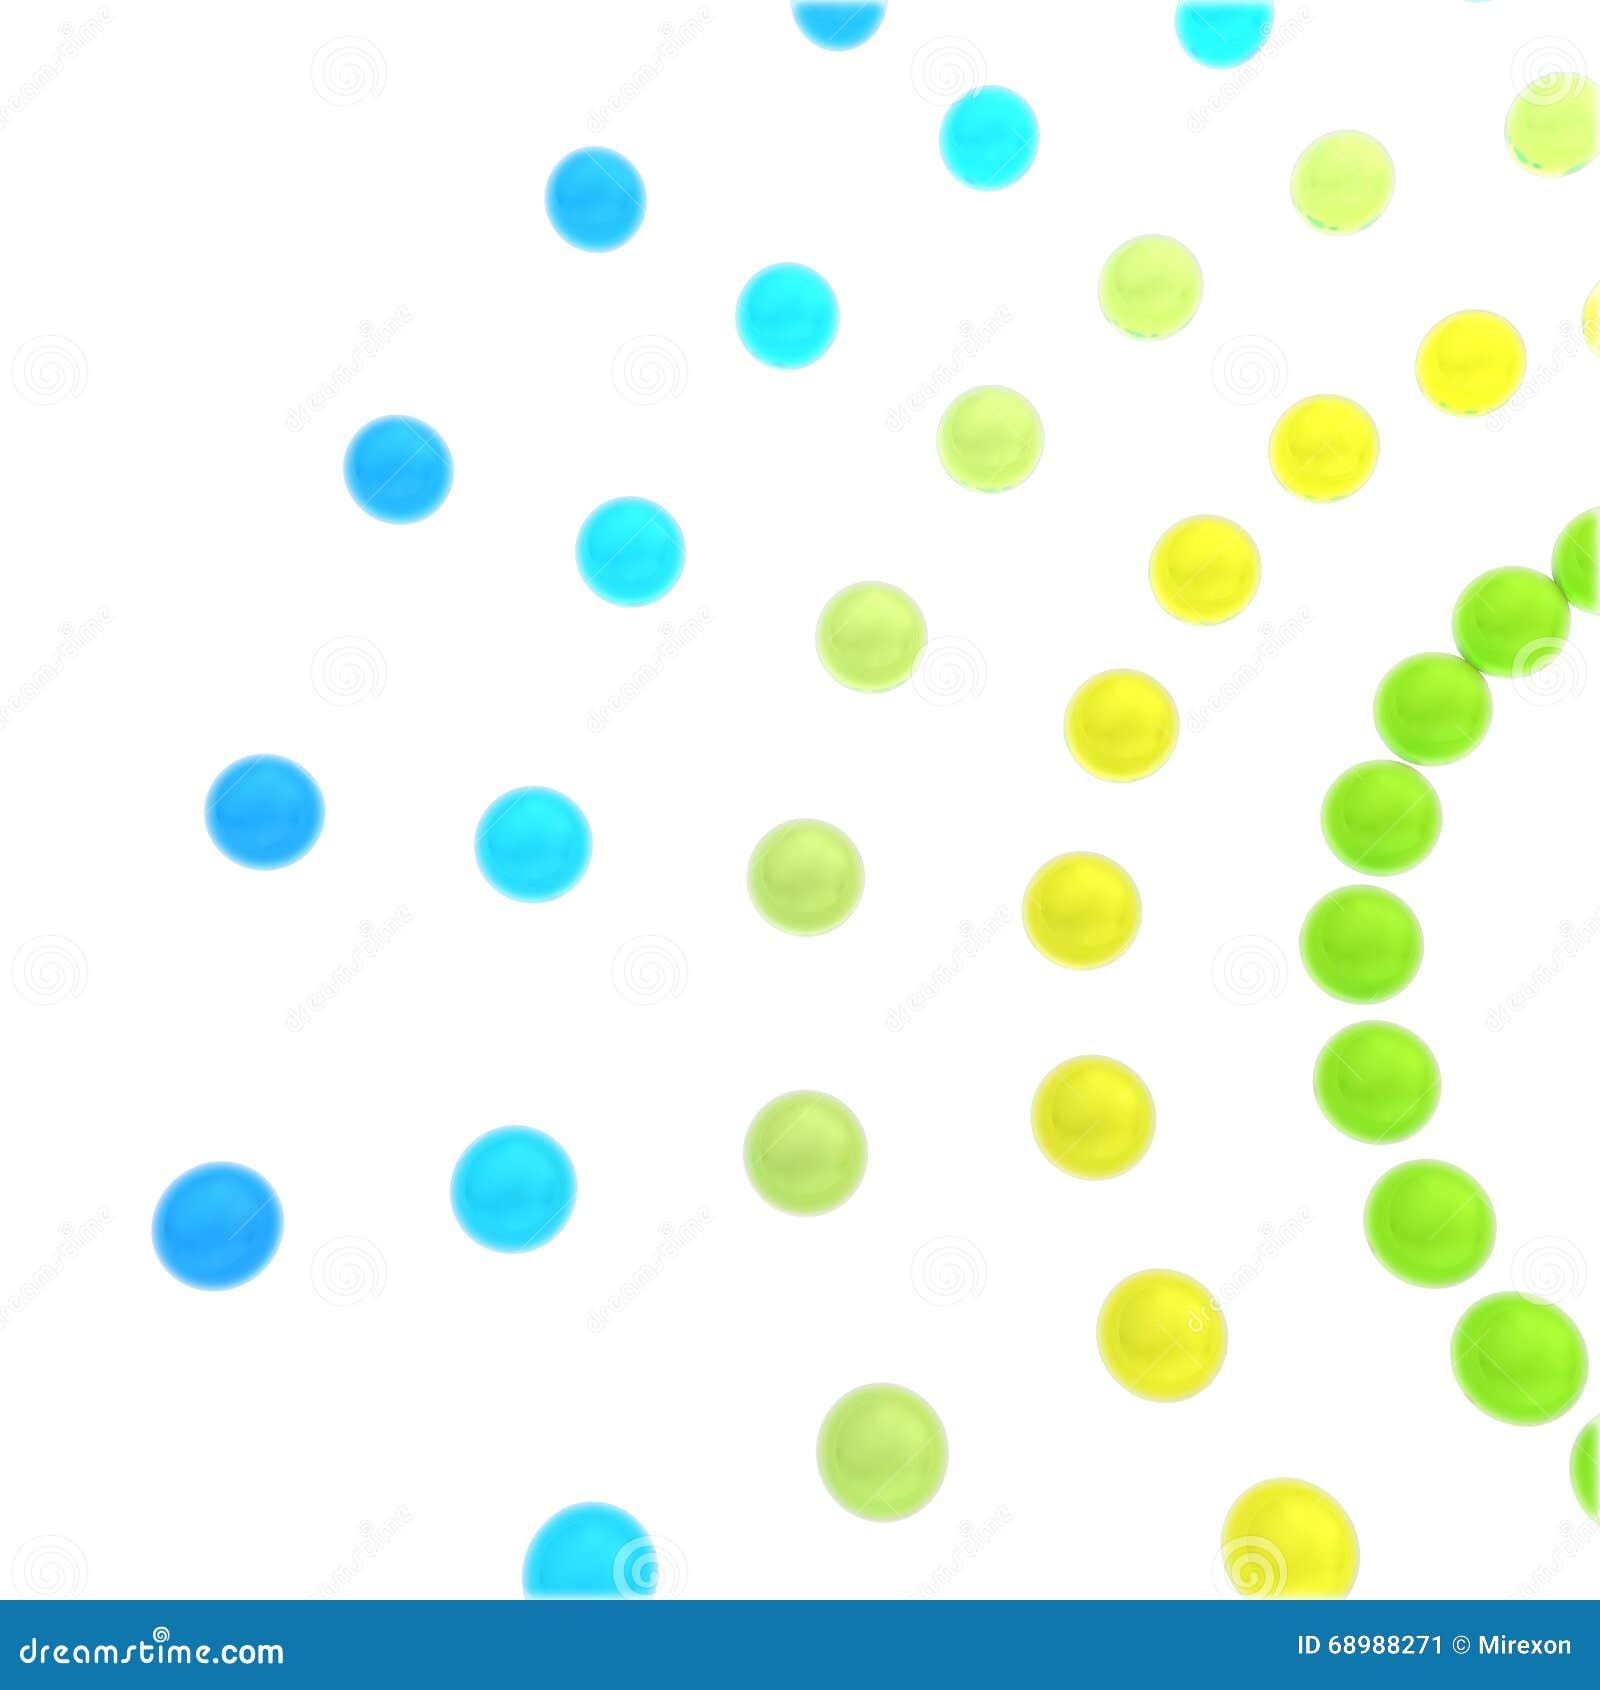 La red abstracta del concepto de cuentas de cristal en un fondo blanco